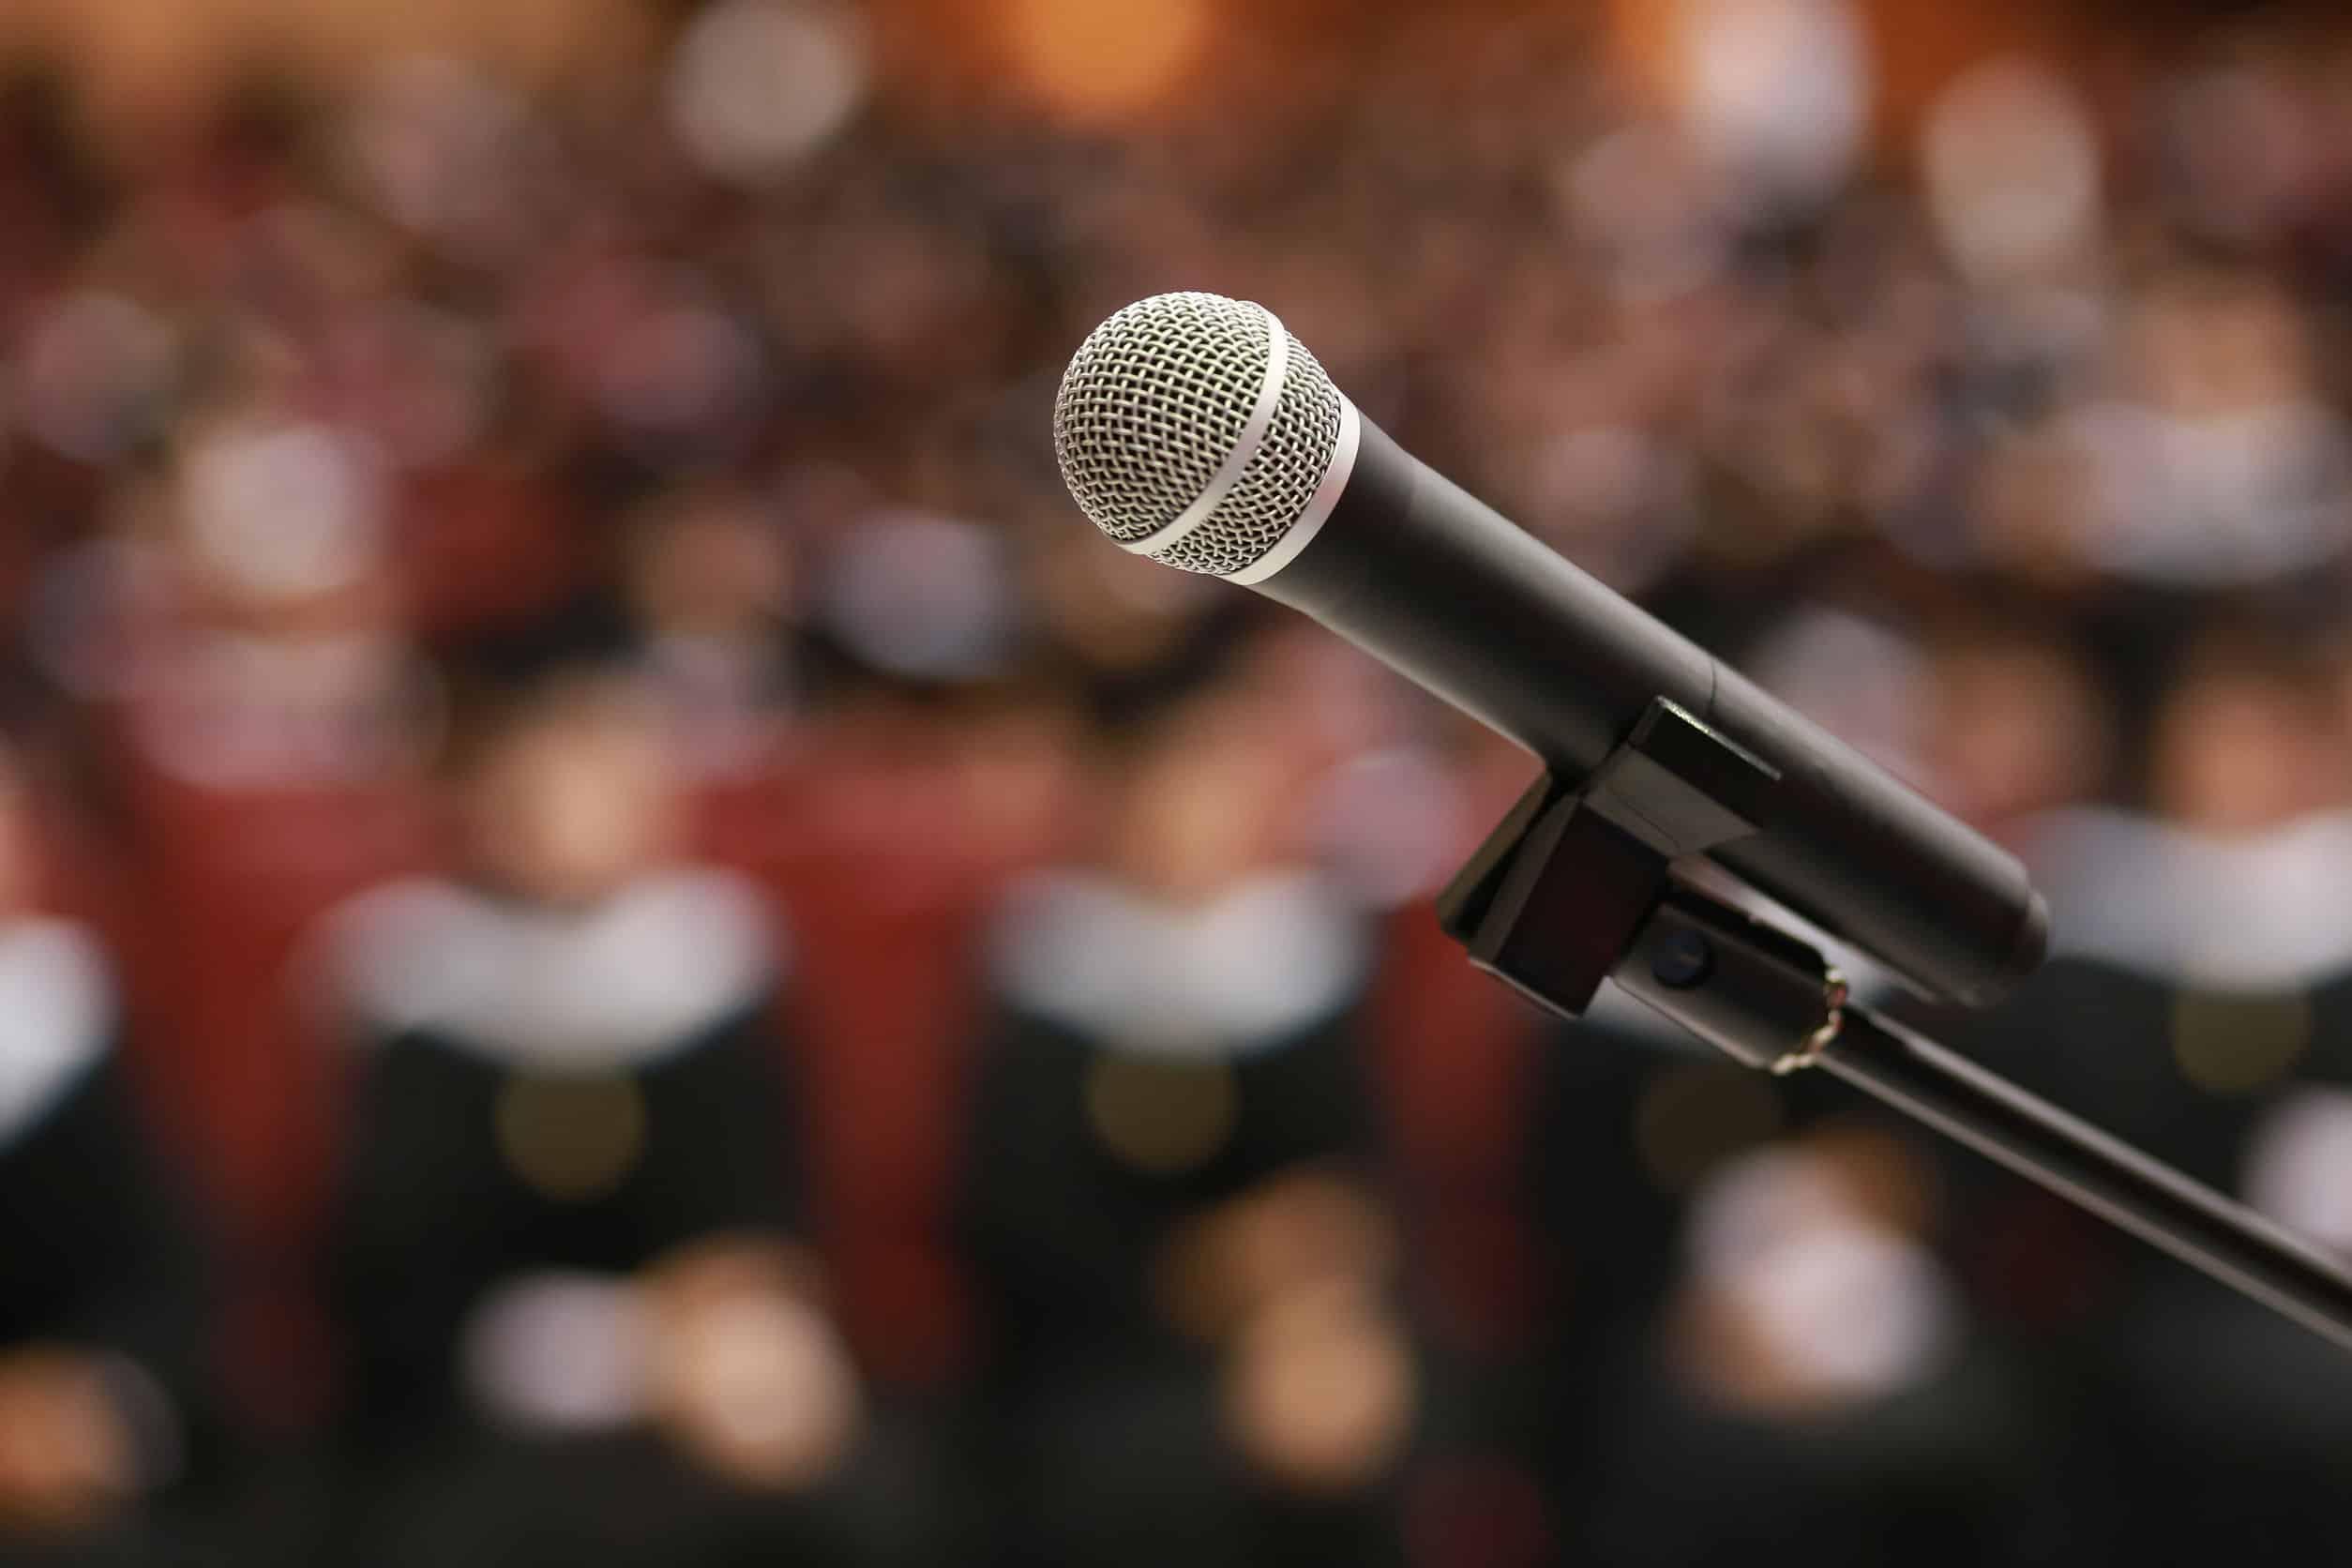 Micrófonos Inalámbricos: ¿Cual es el mejor del 2020?